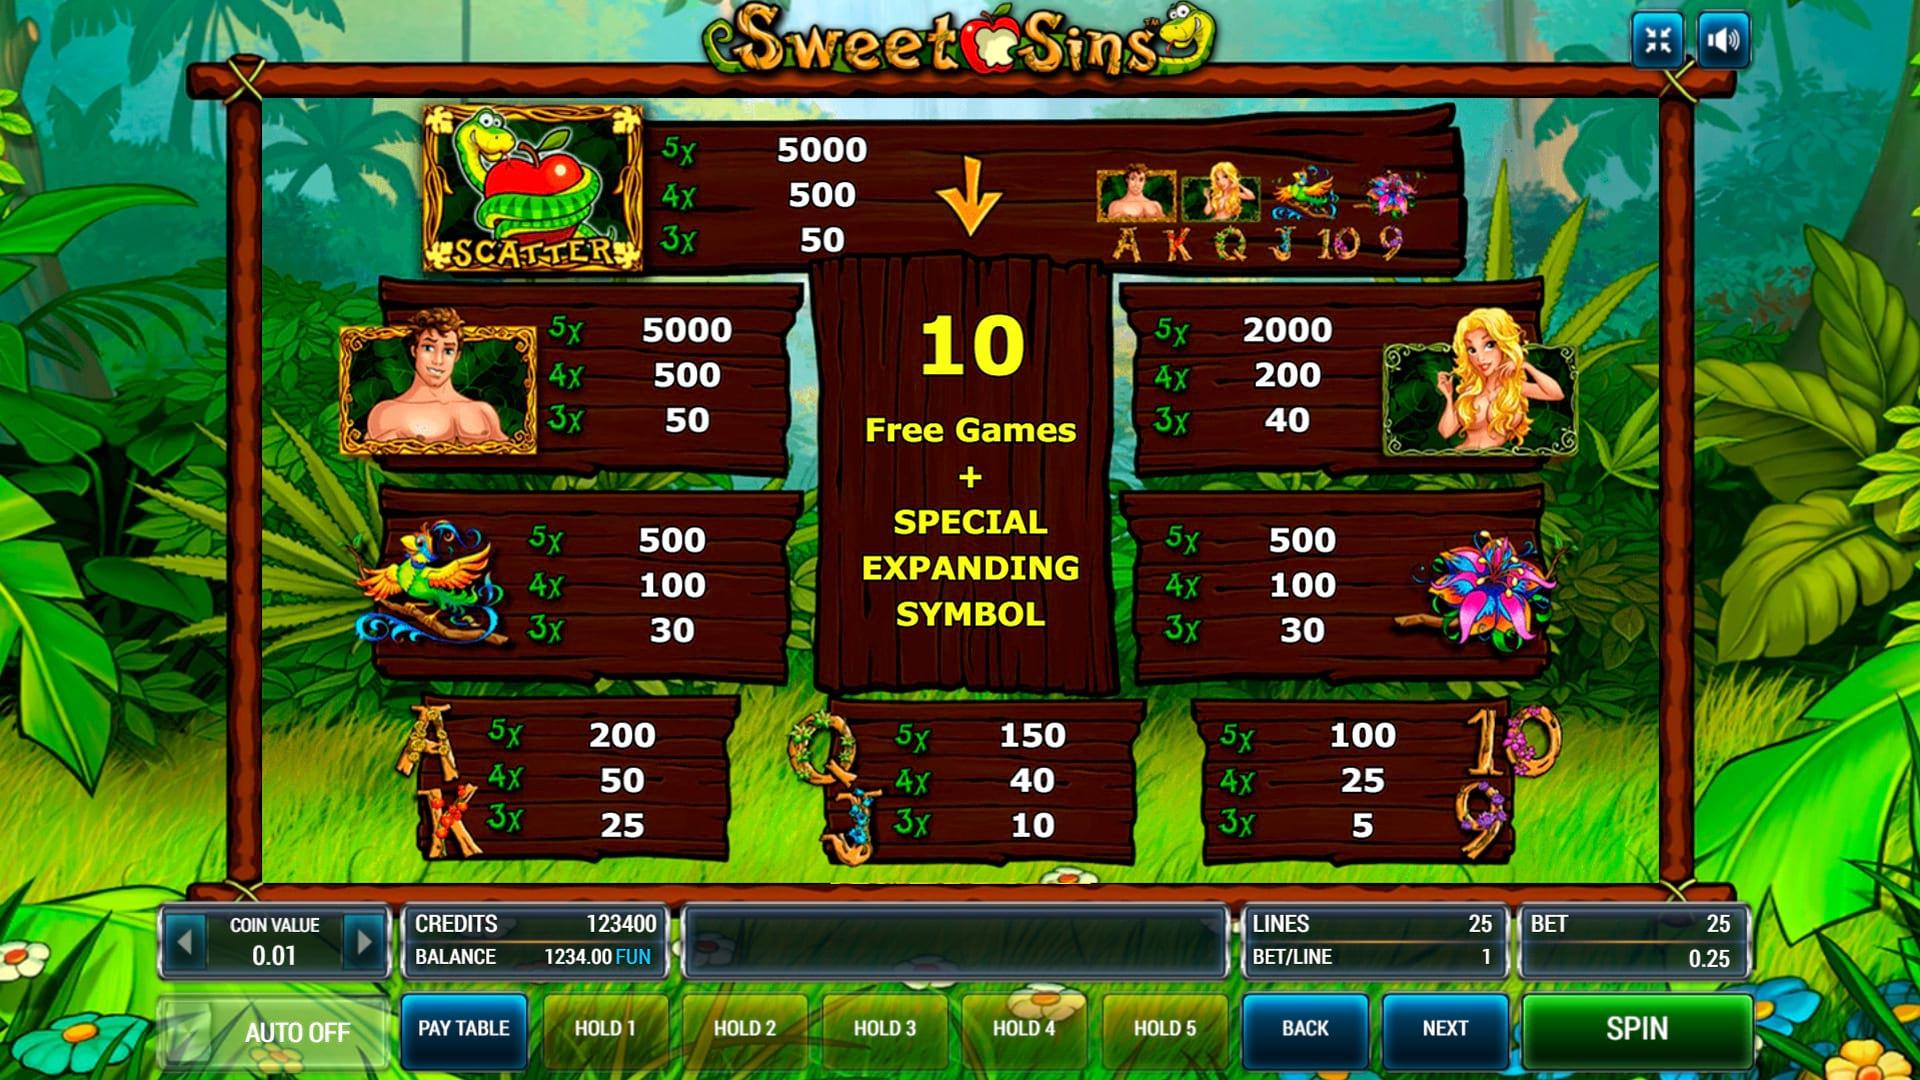 Изображение игрового автомата Sweet Sins 3